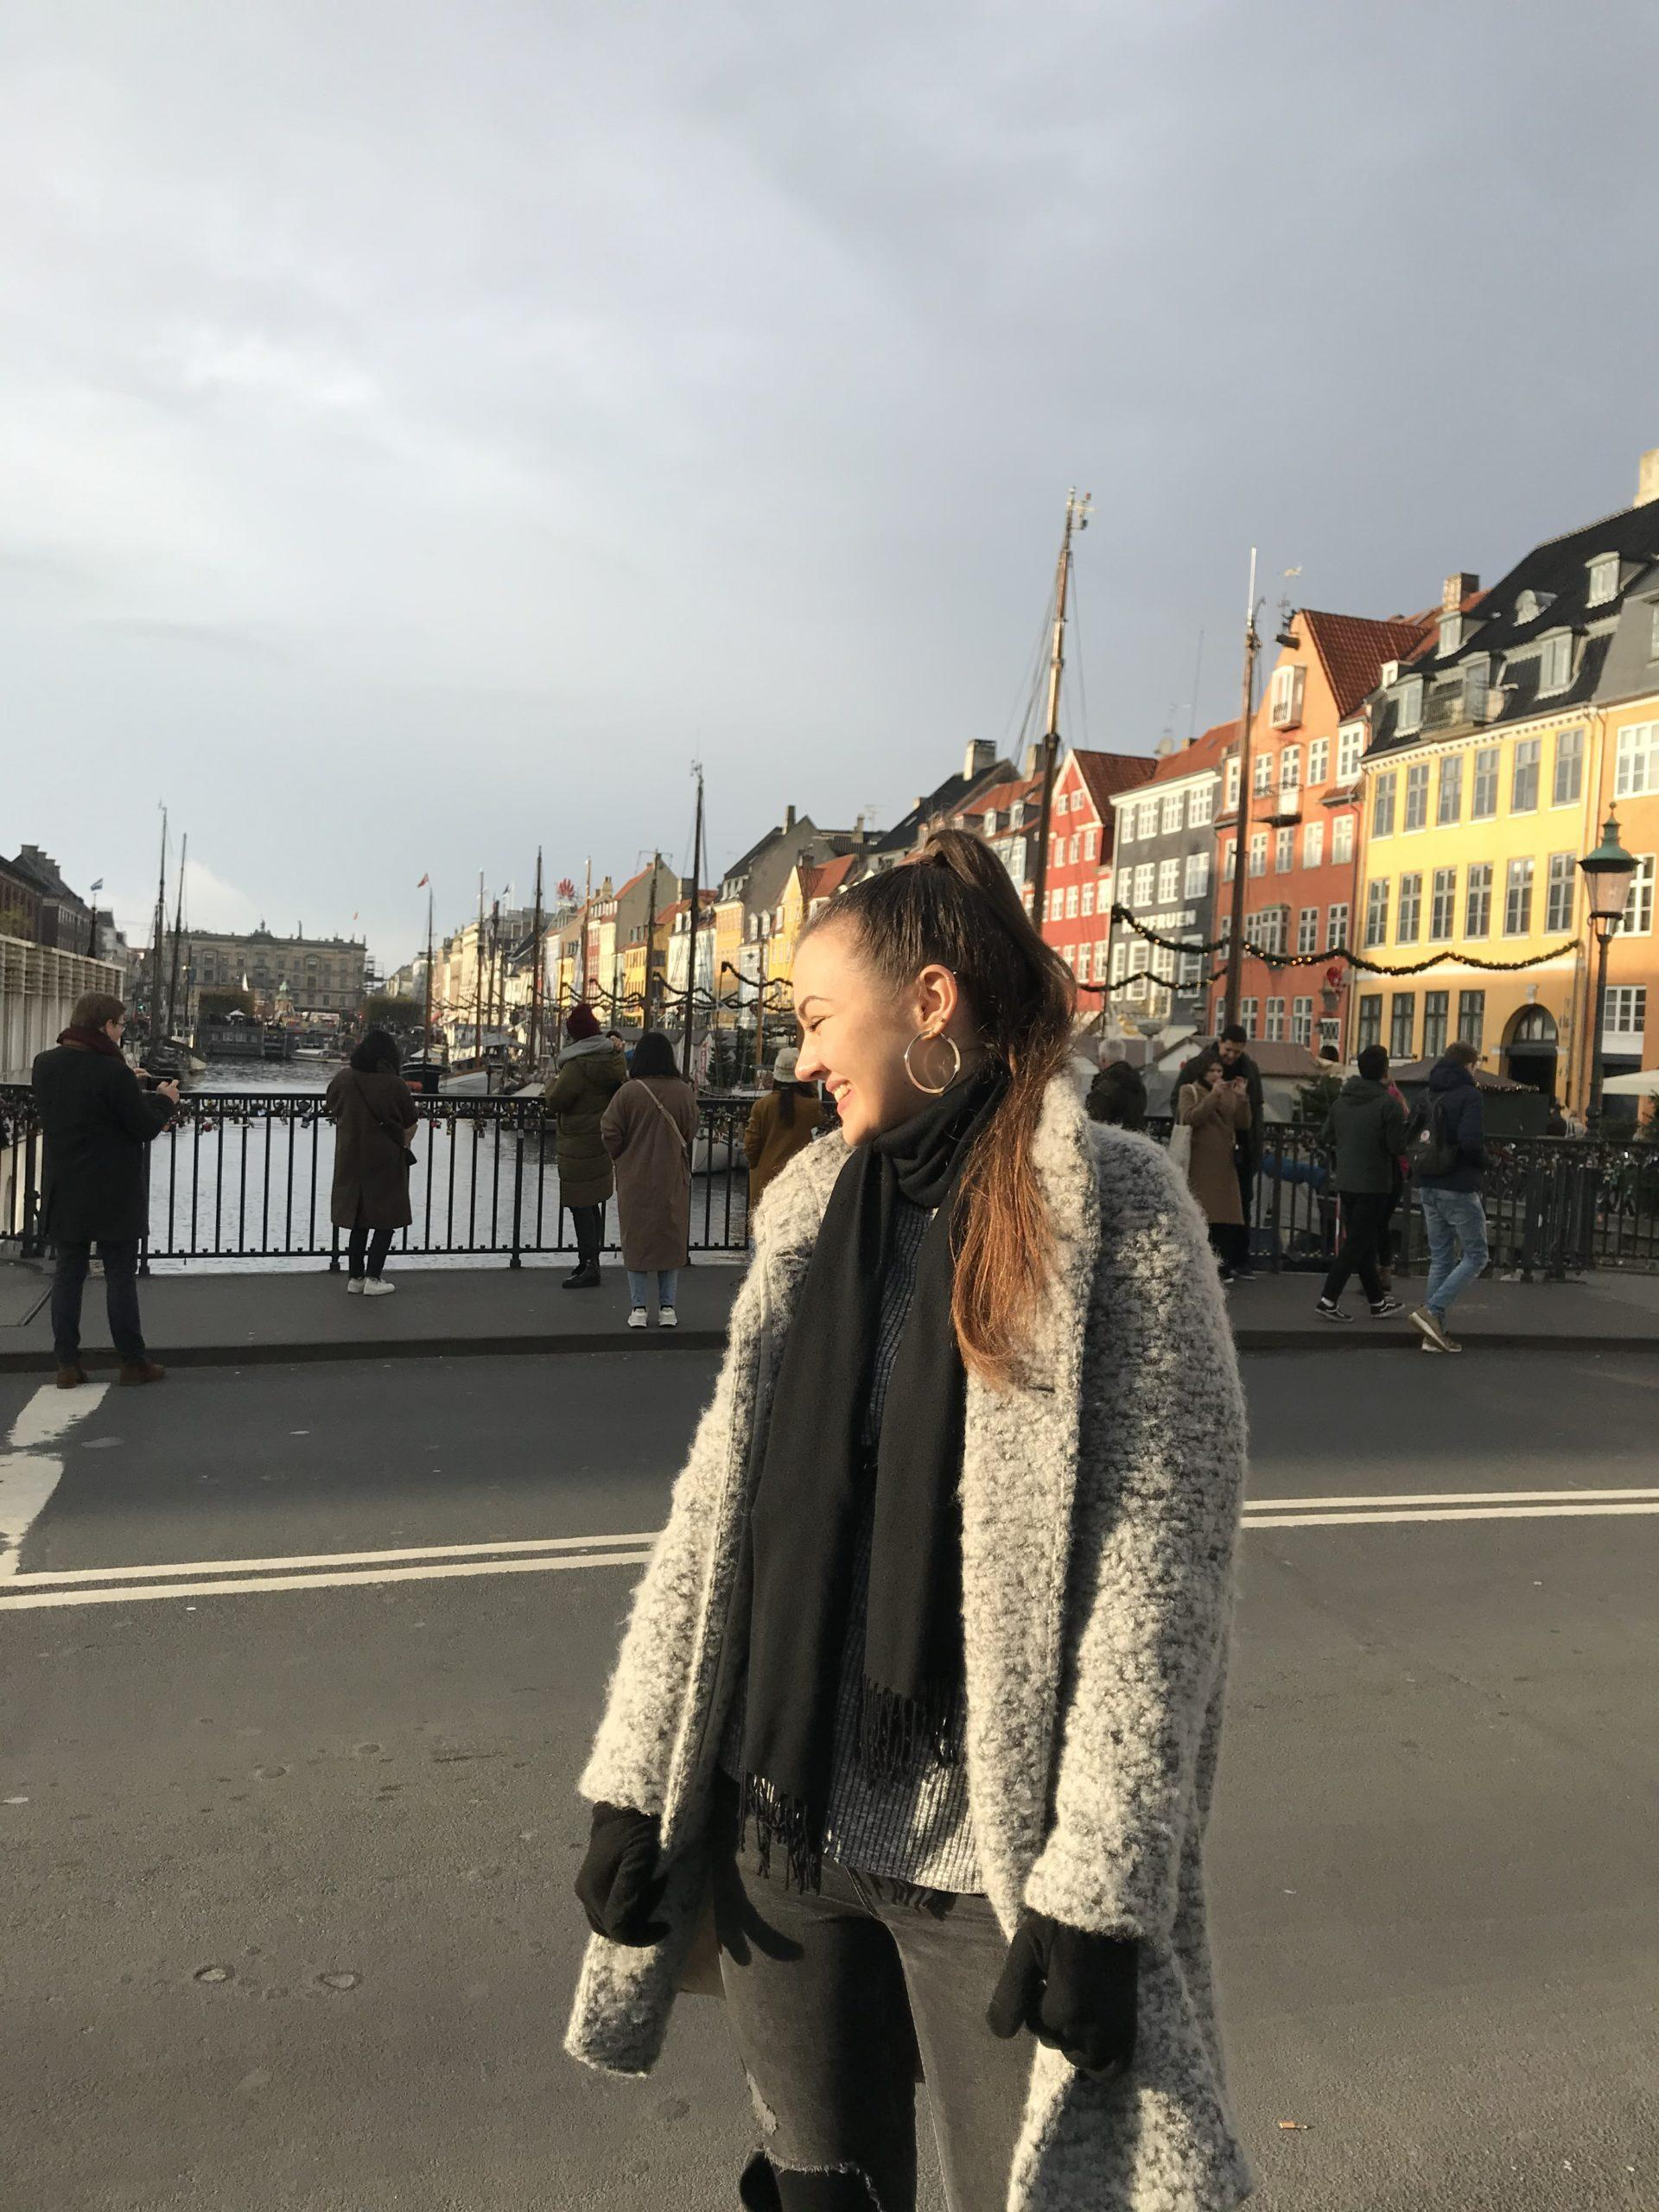 rozhovor Dánsko; Prečo študovať v Dánsku?